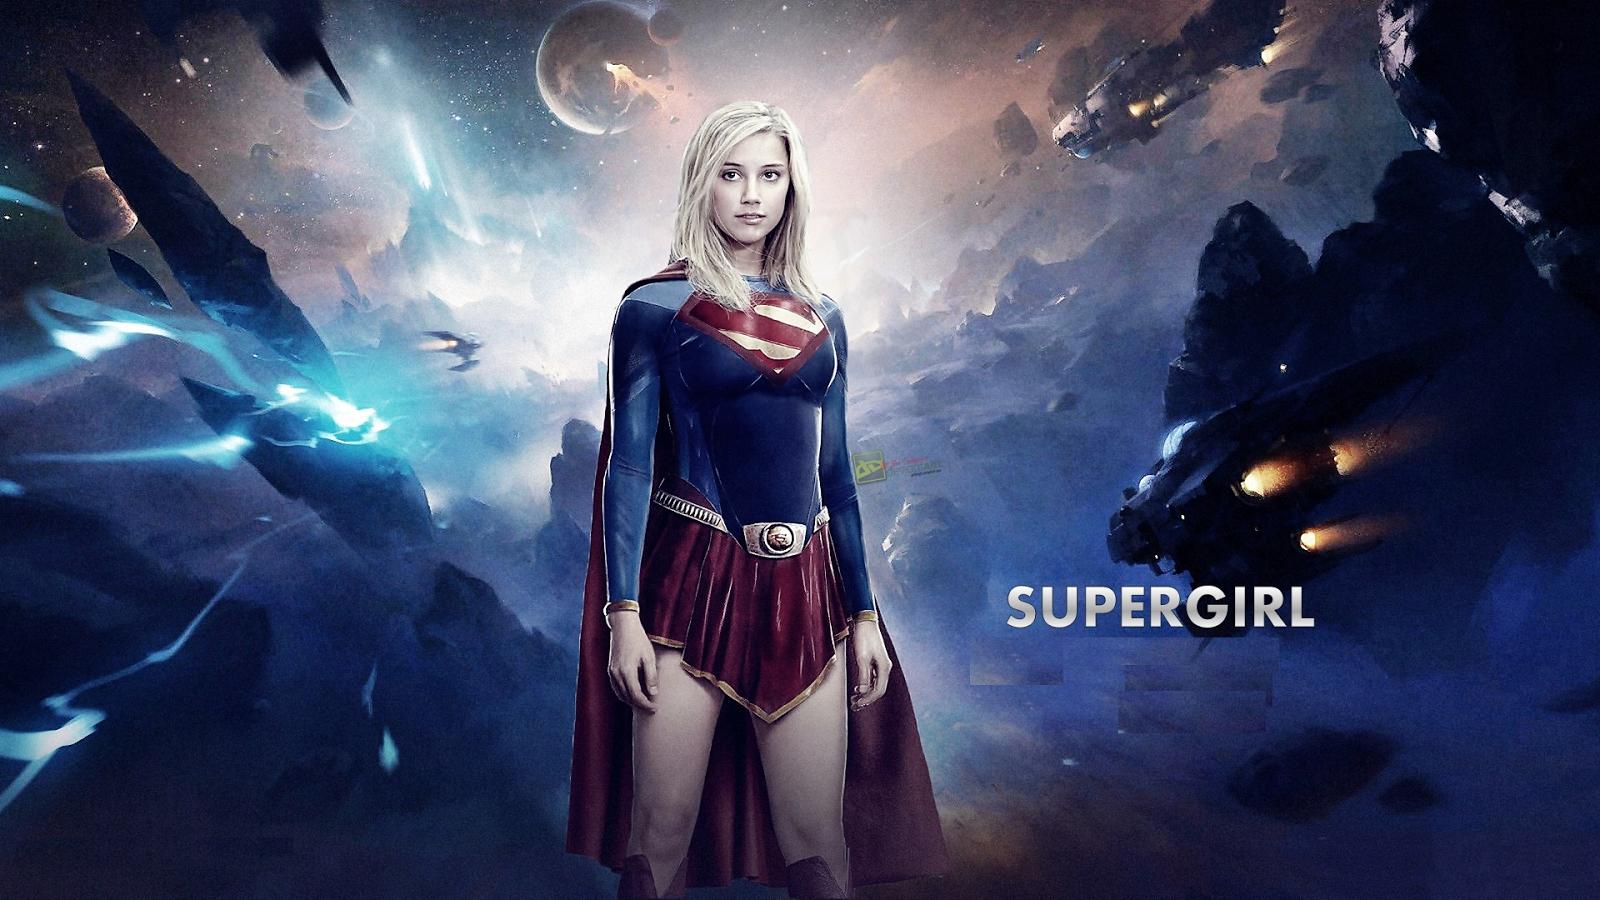 [TV] Supergirl - Irmã da Lois escolhida! Sem%2Bt%C3%ADtulo